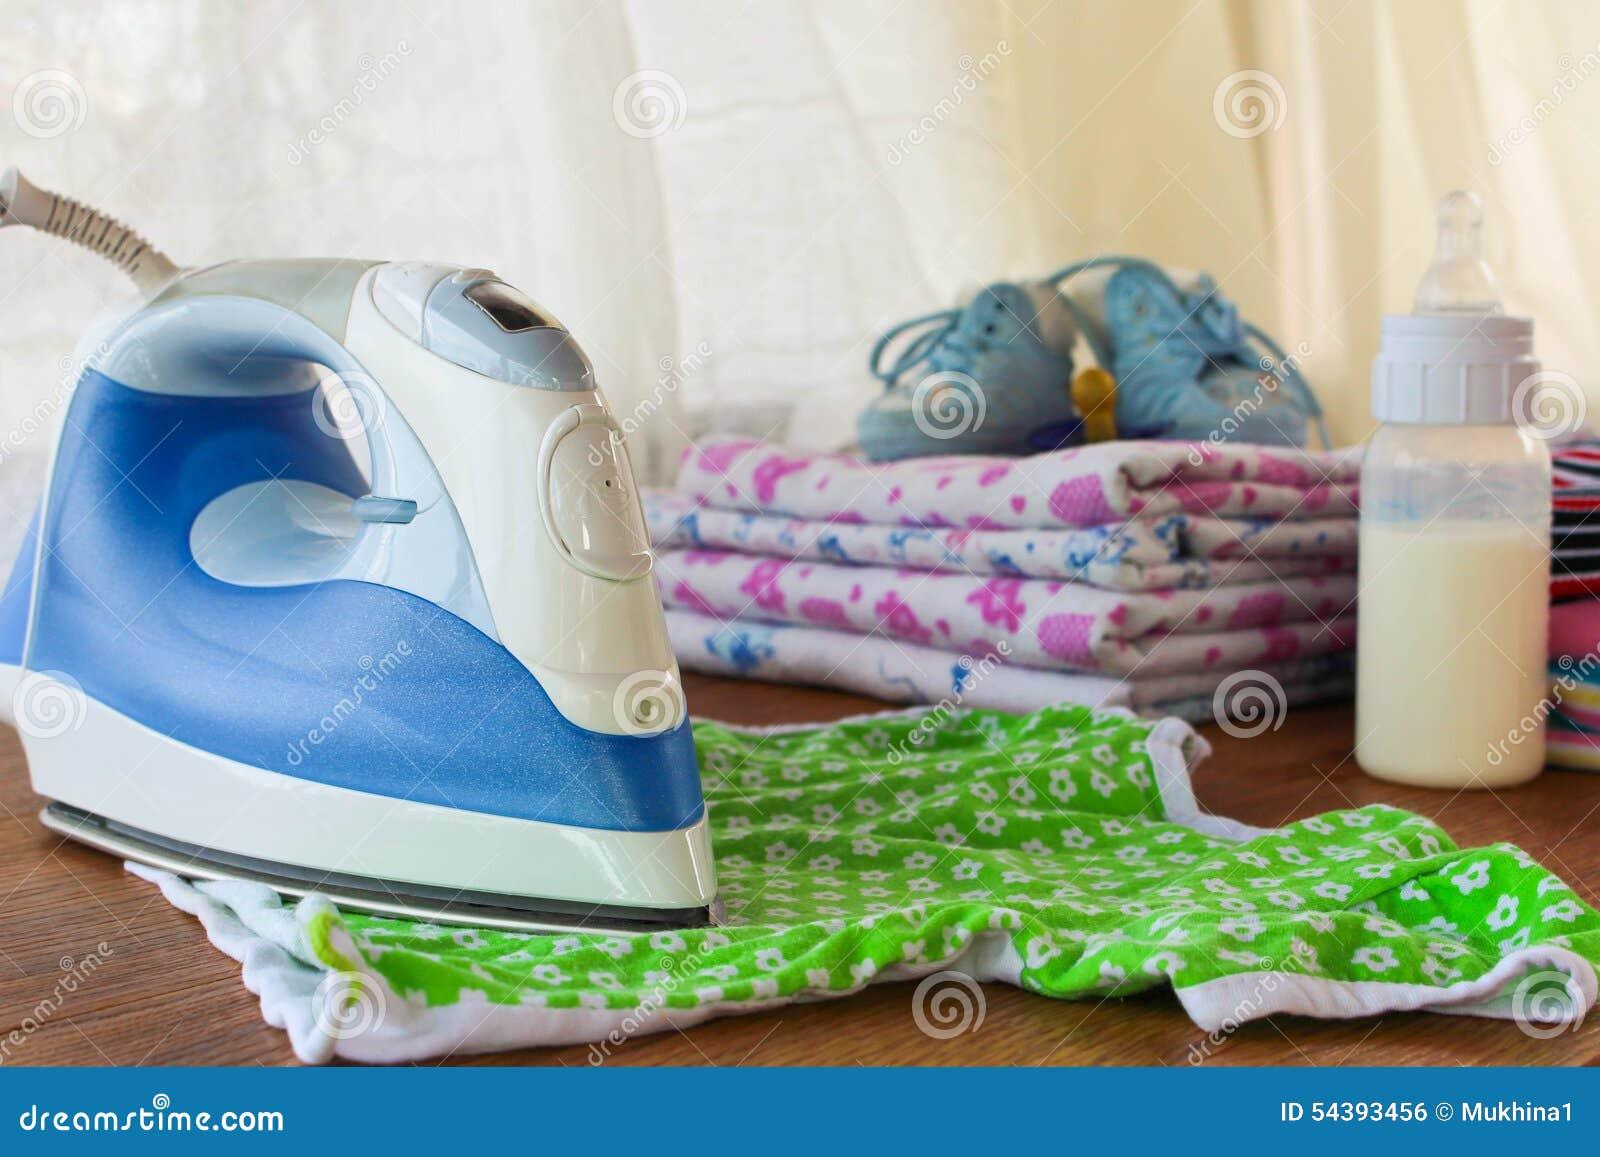 Żelazo muska children koszulkę W tle, pieluszki, dziecko odziewają, pacyfikator, mali buty